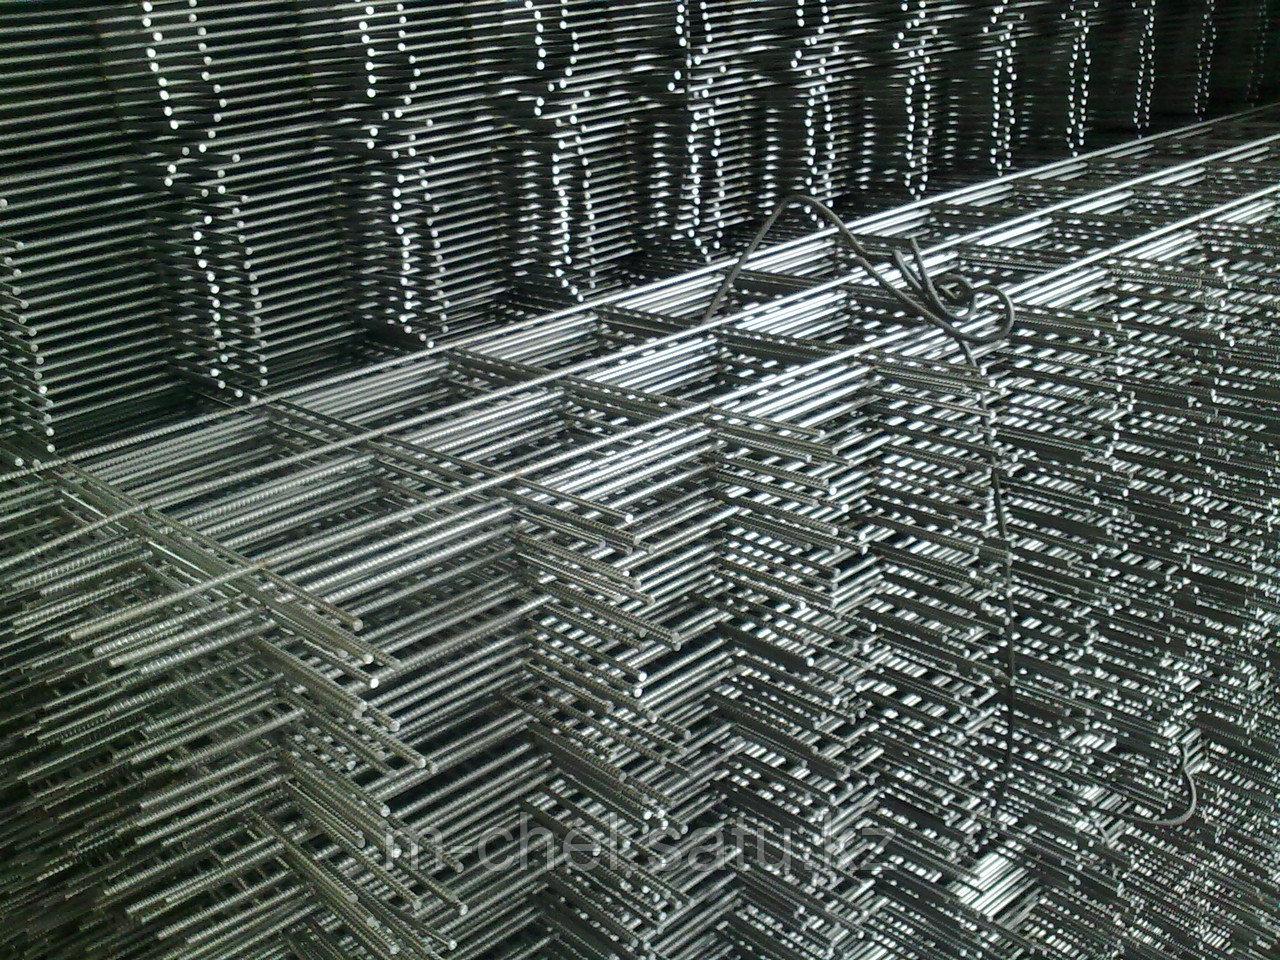 Сетка металлическая стальная 32 мм Х15Н60 ГОСТ 23279-85 ОТМАТЫВАЕМ